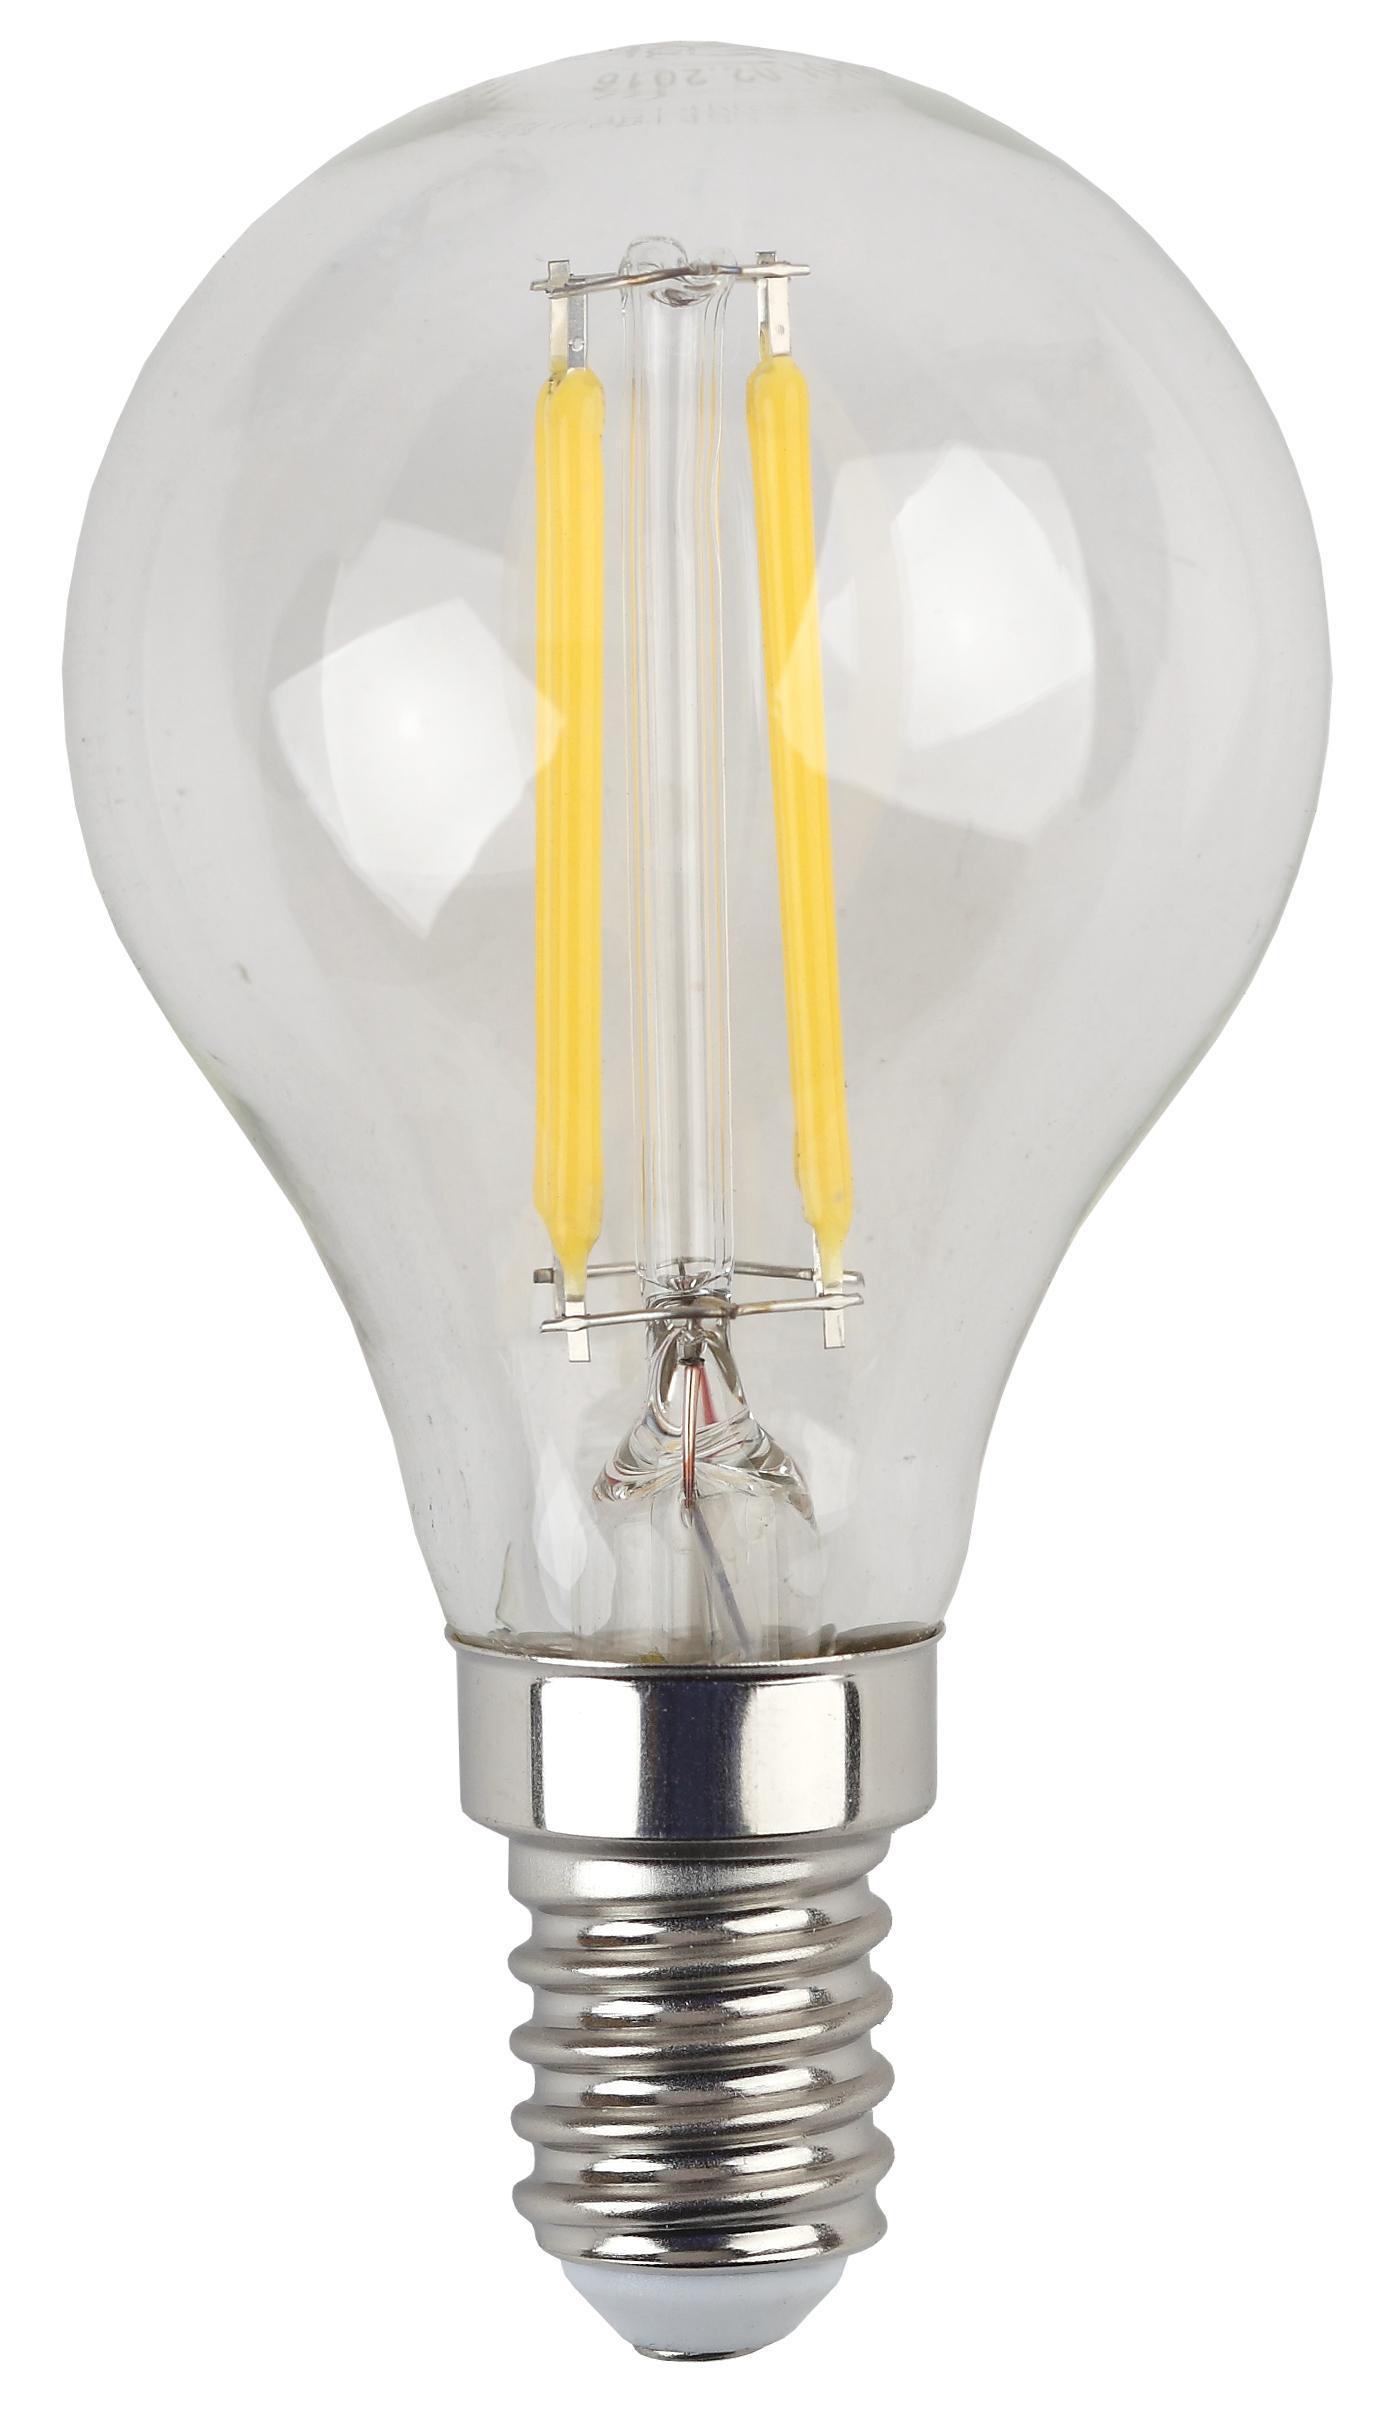 Лампа светодиодная ЭРА F-led Р45-5w-840-e14